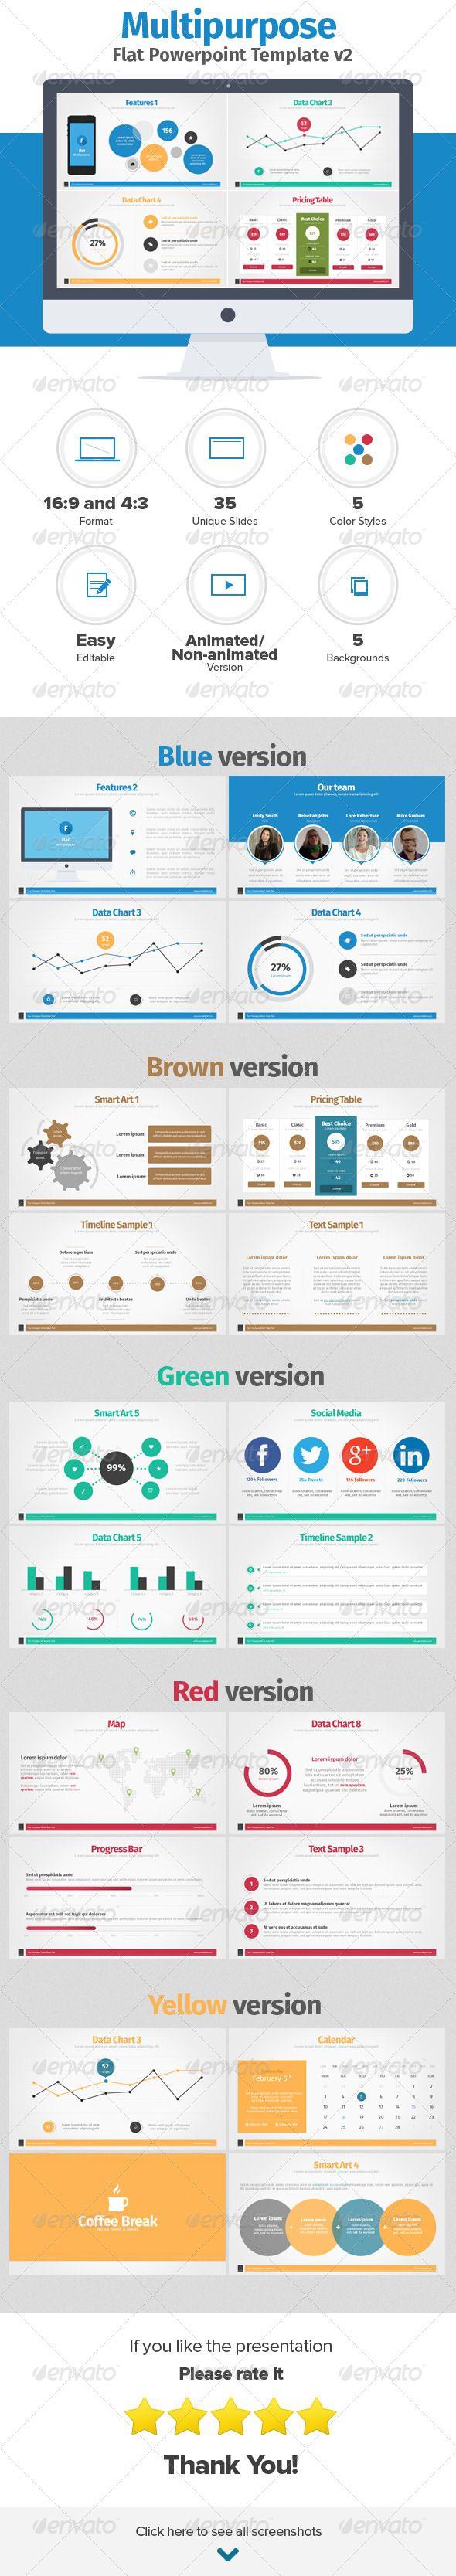 Multipurpose Flat Powerpoint Presentation v2 - Powerpoint Templates Presentation Templates